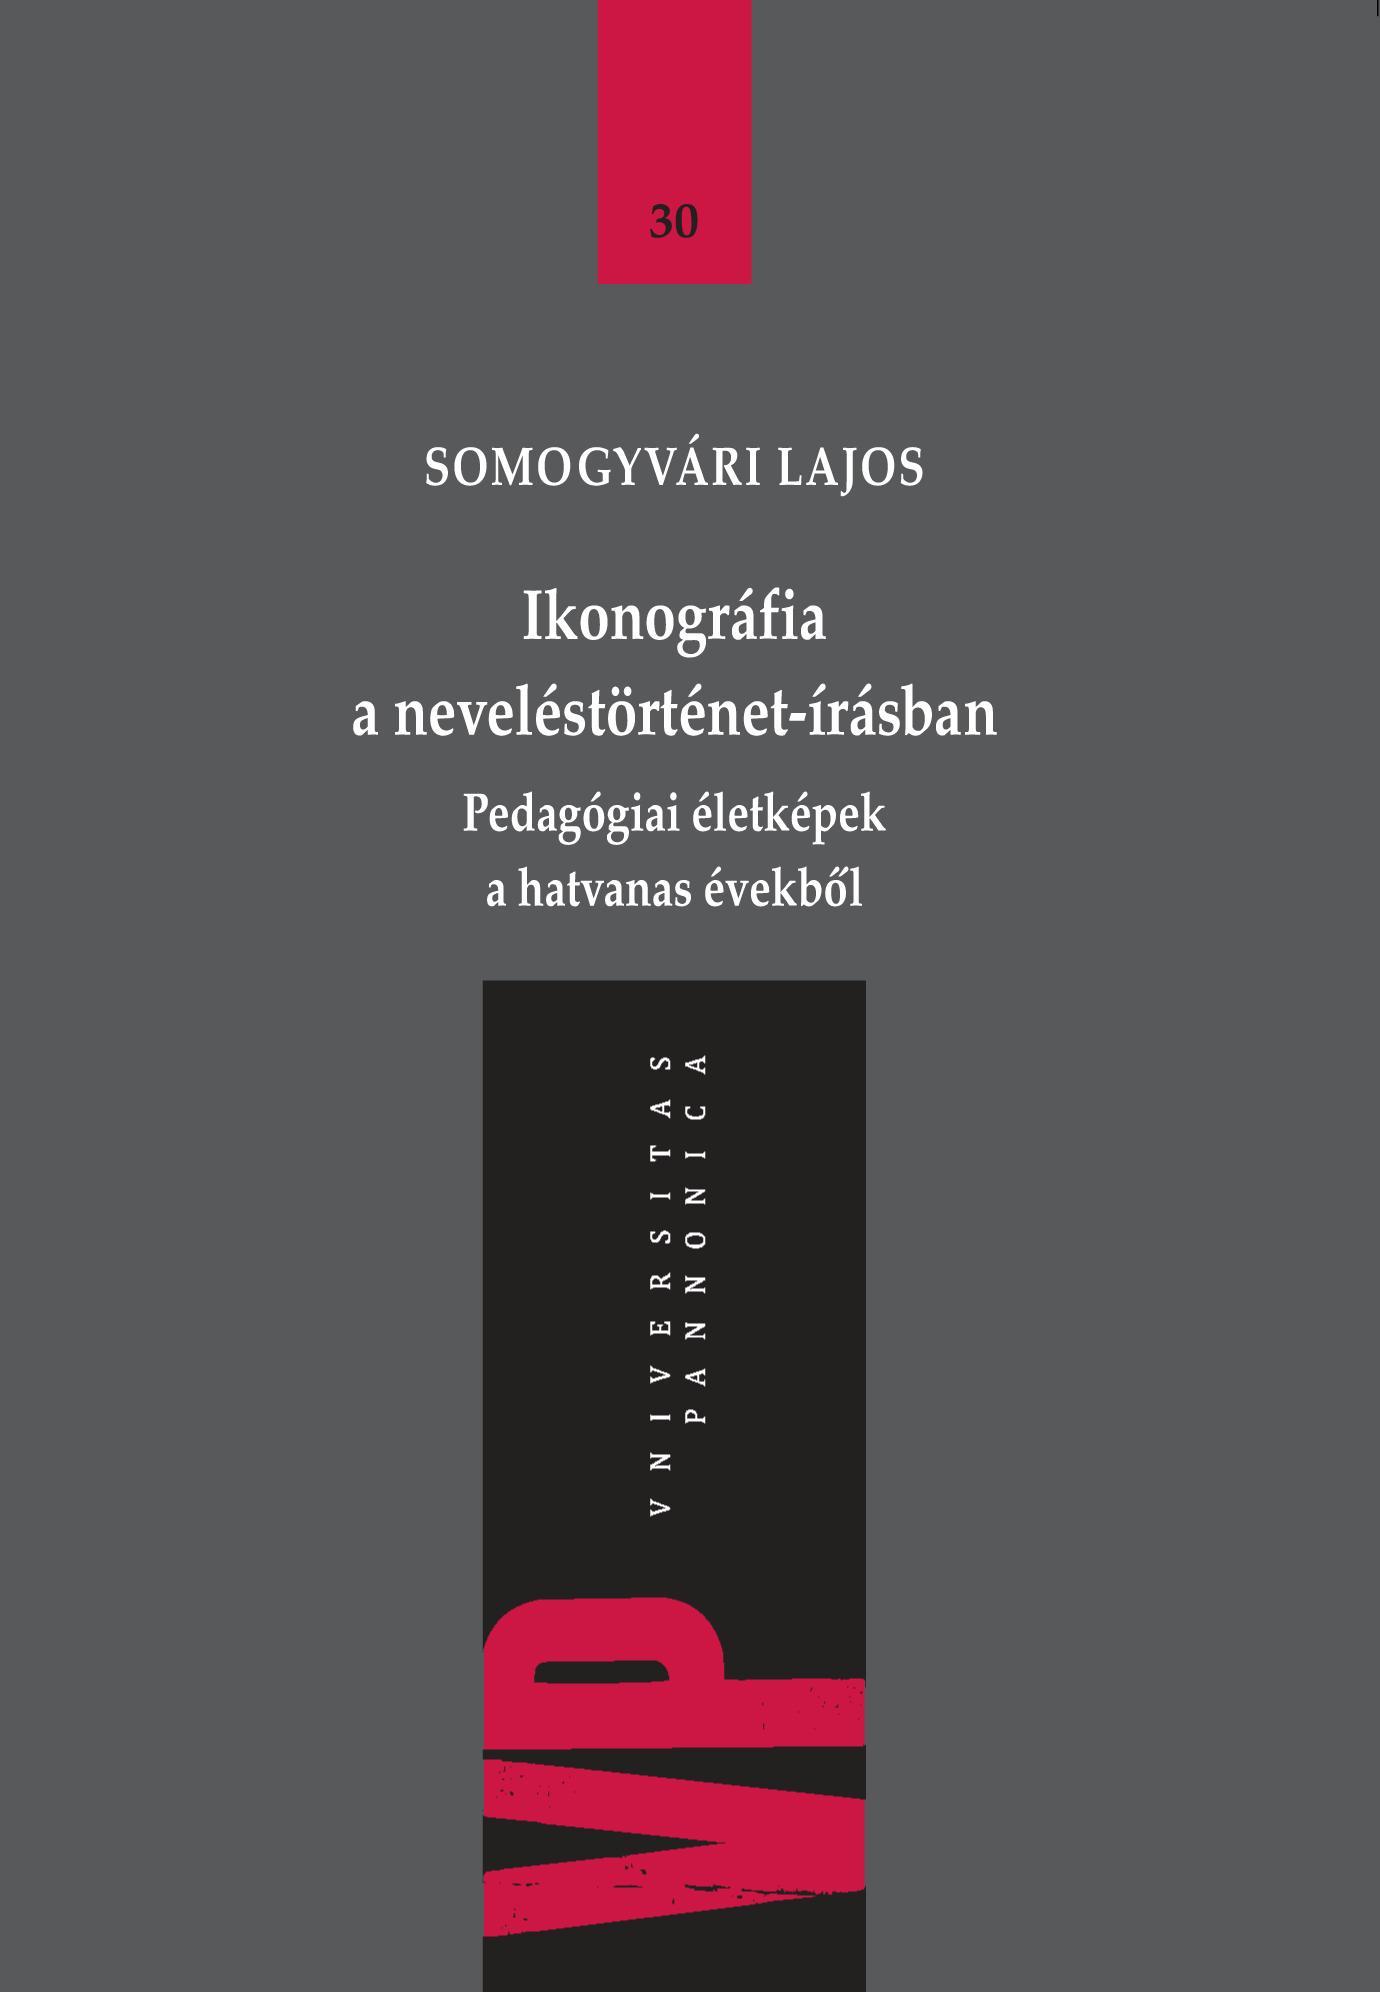 IKONOGRÁFIA - A NEVELÉSTÖRTÉNET-ÍRÁSBAN